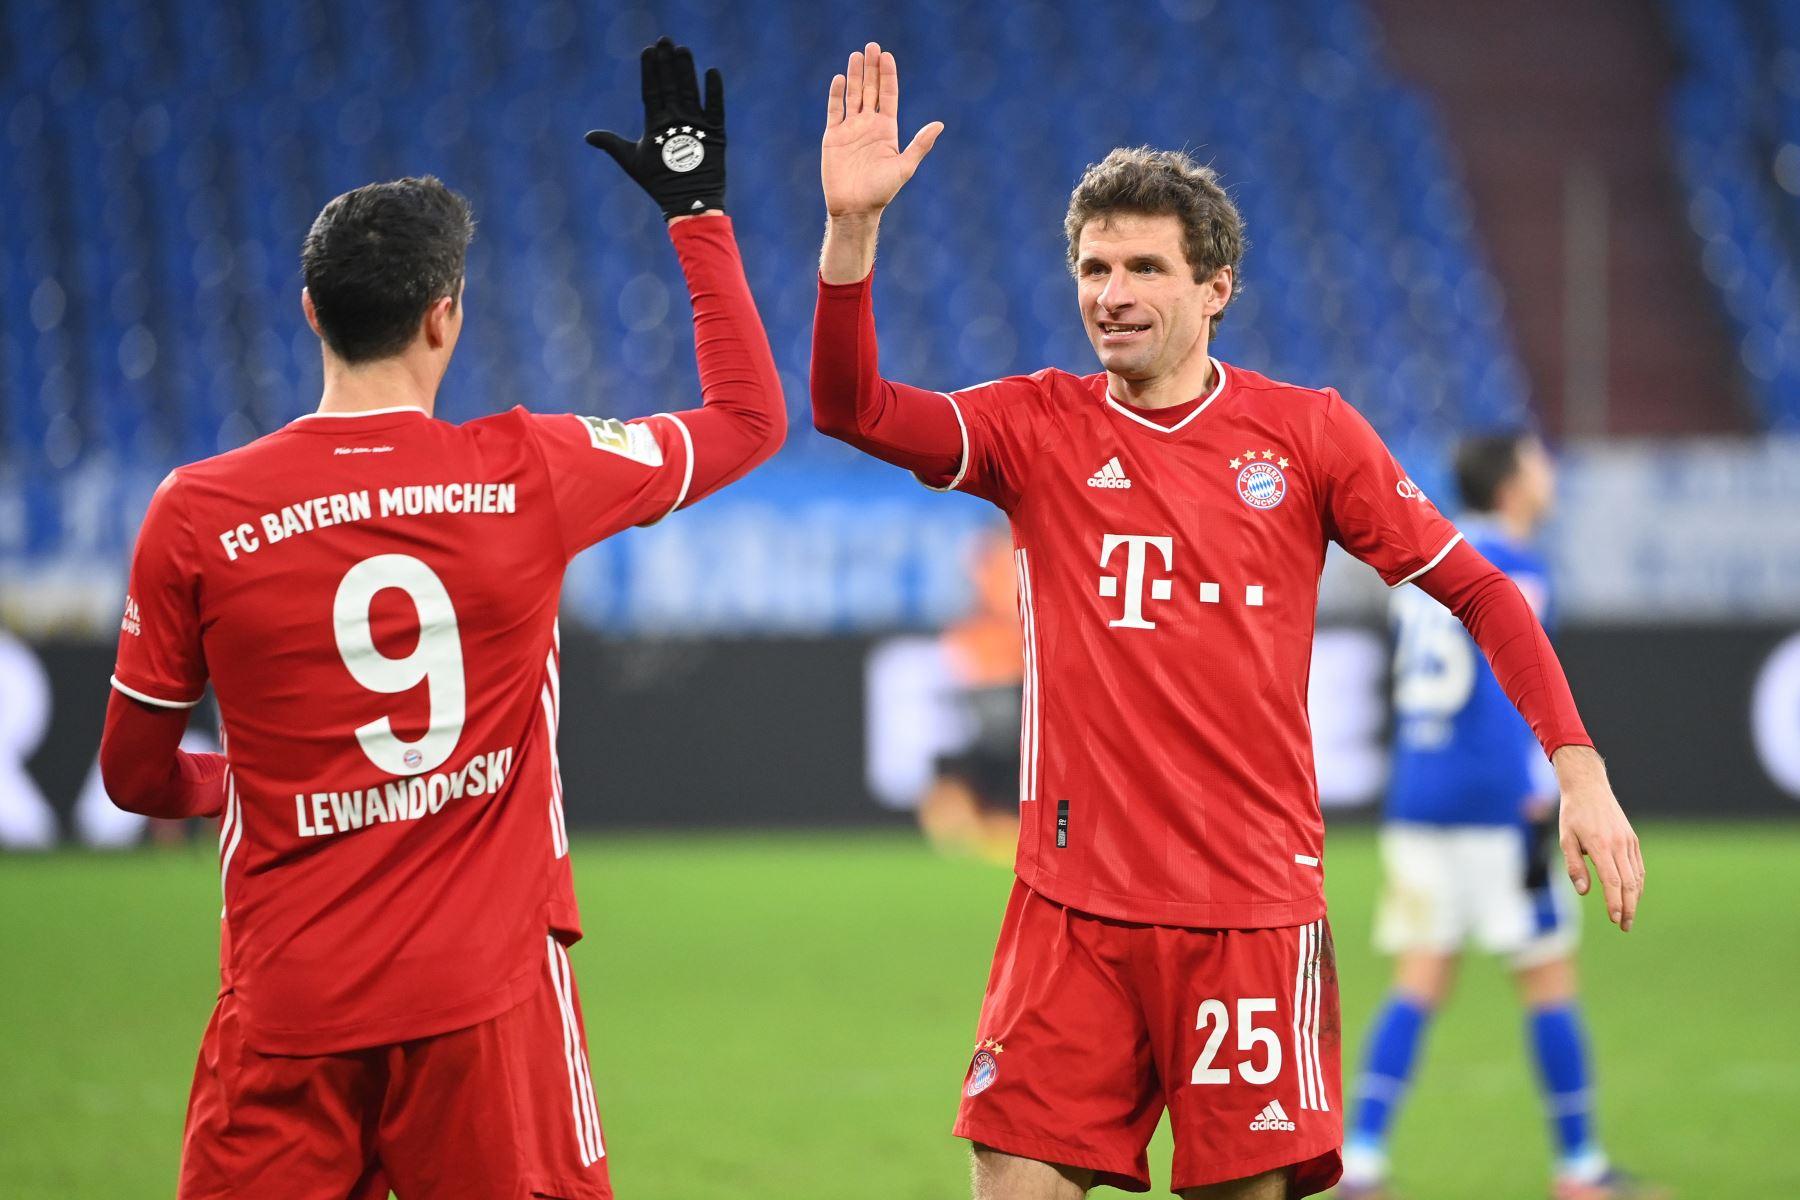 El delantero polaco del Bayern Múnich Robert Lewandowski celebra el gol del 0-2 con su compañero de equipo, el delantero alemán del Bayern Múnich Thomas Mueller durante el partido de fútbol de la Bundesliga de primera división alemana Schalke 04 v FC Bayern Múnich en Gelsenkirchen, Alemania occidental.  Foto.: AFP